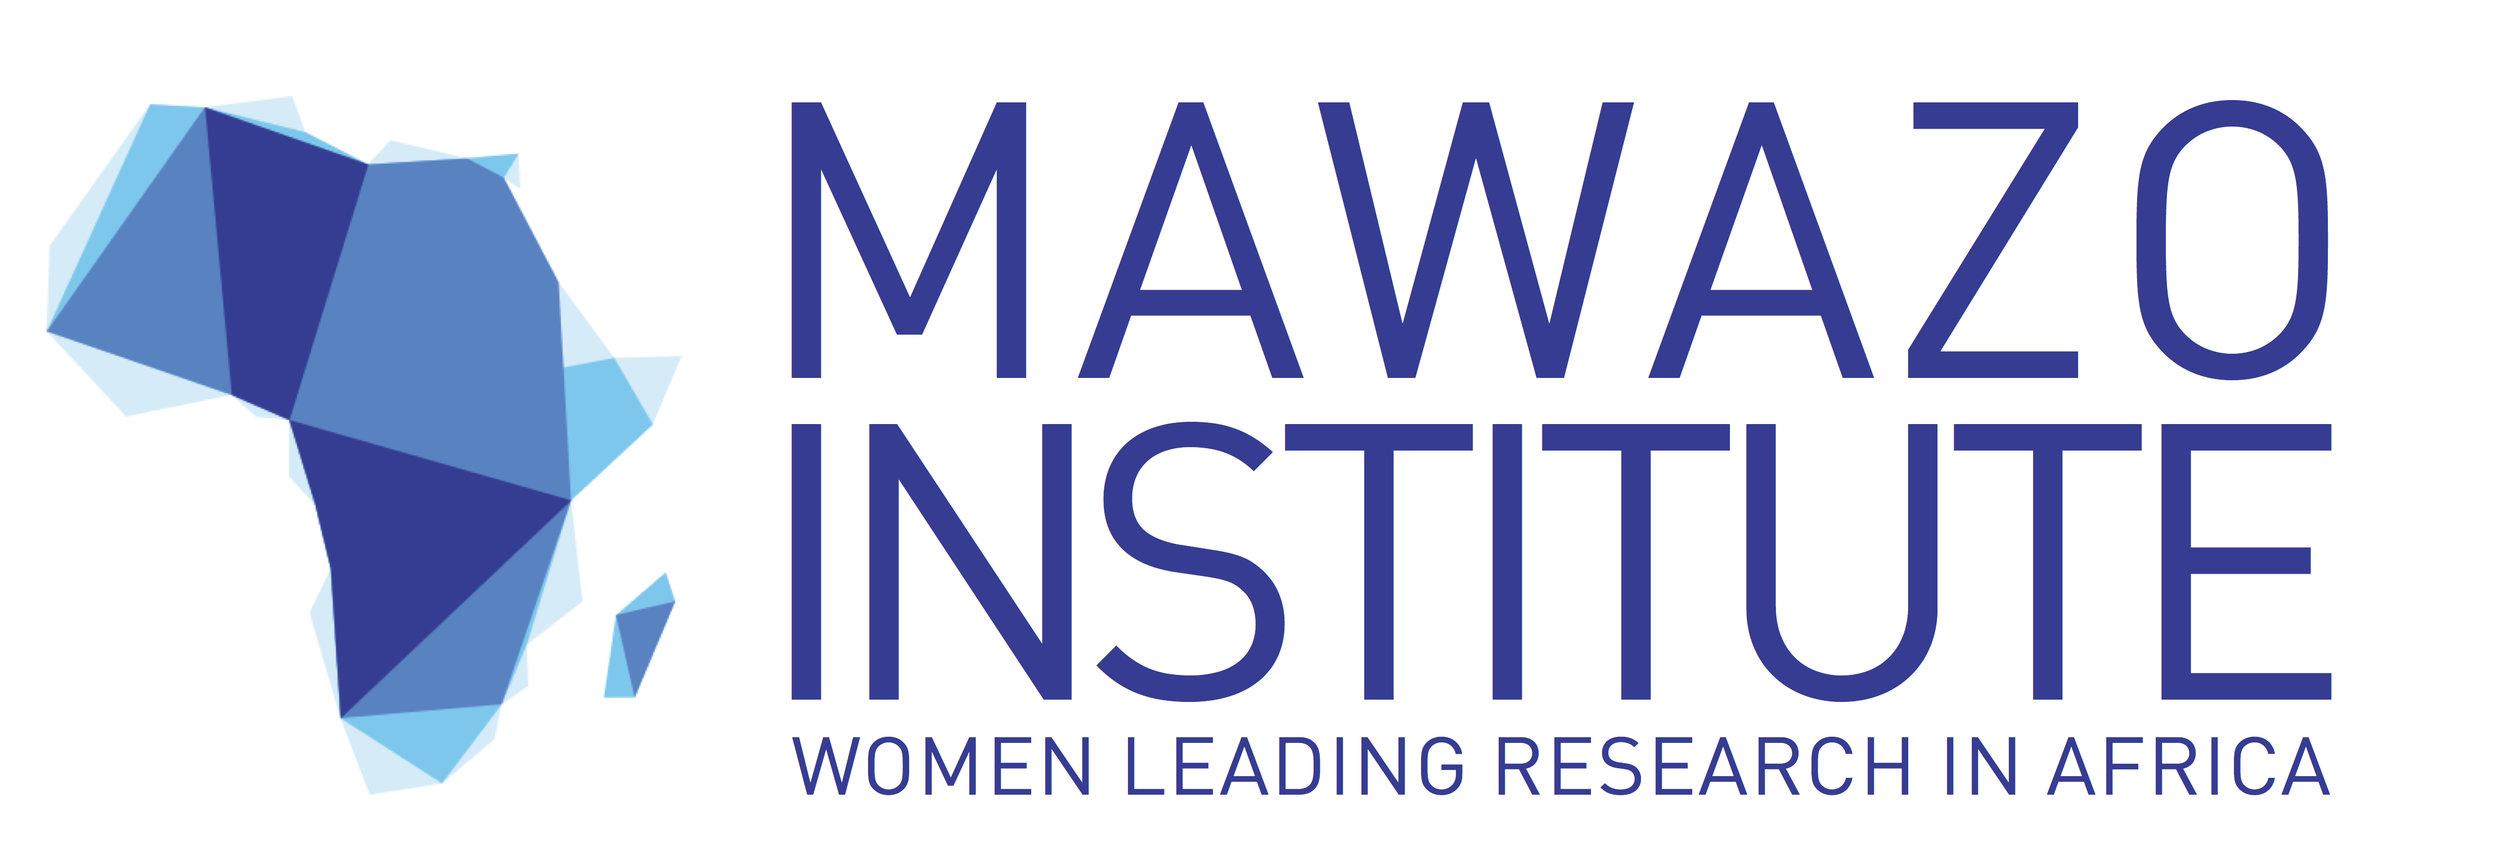 Mawazo Logo Final[4462].jpg